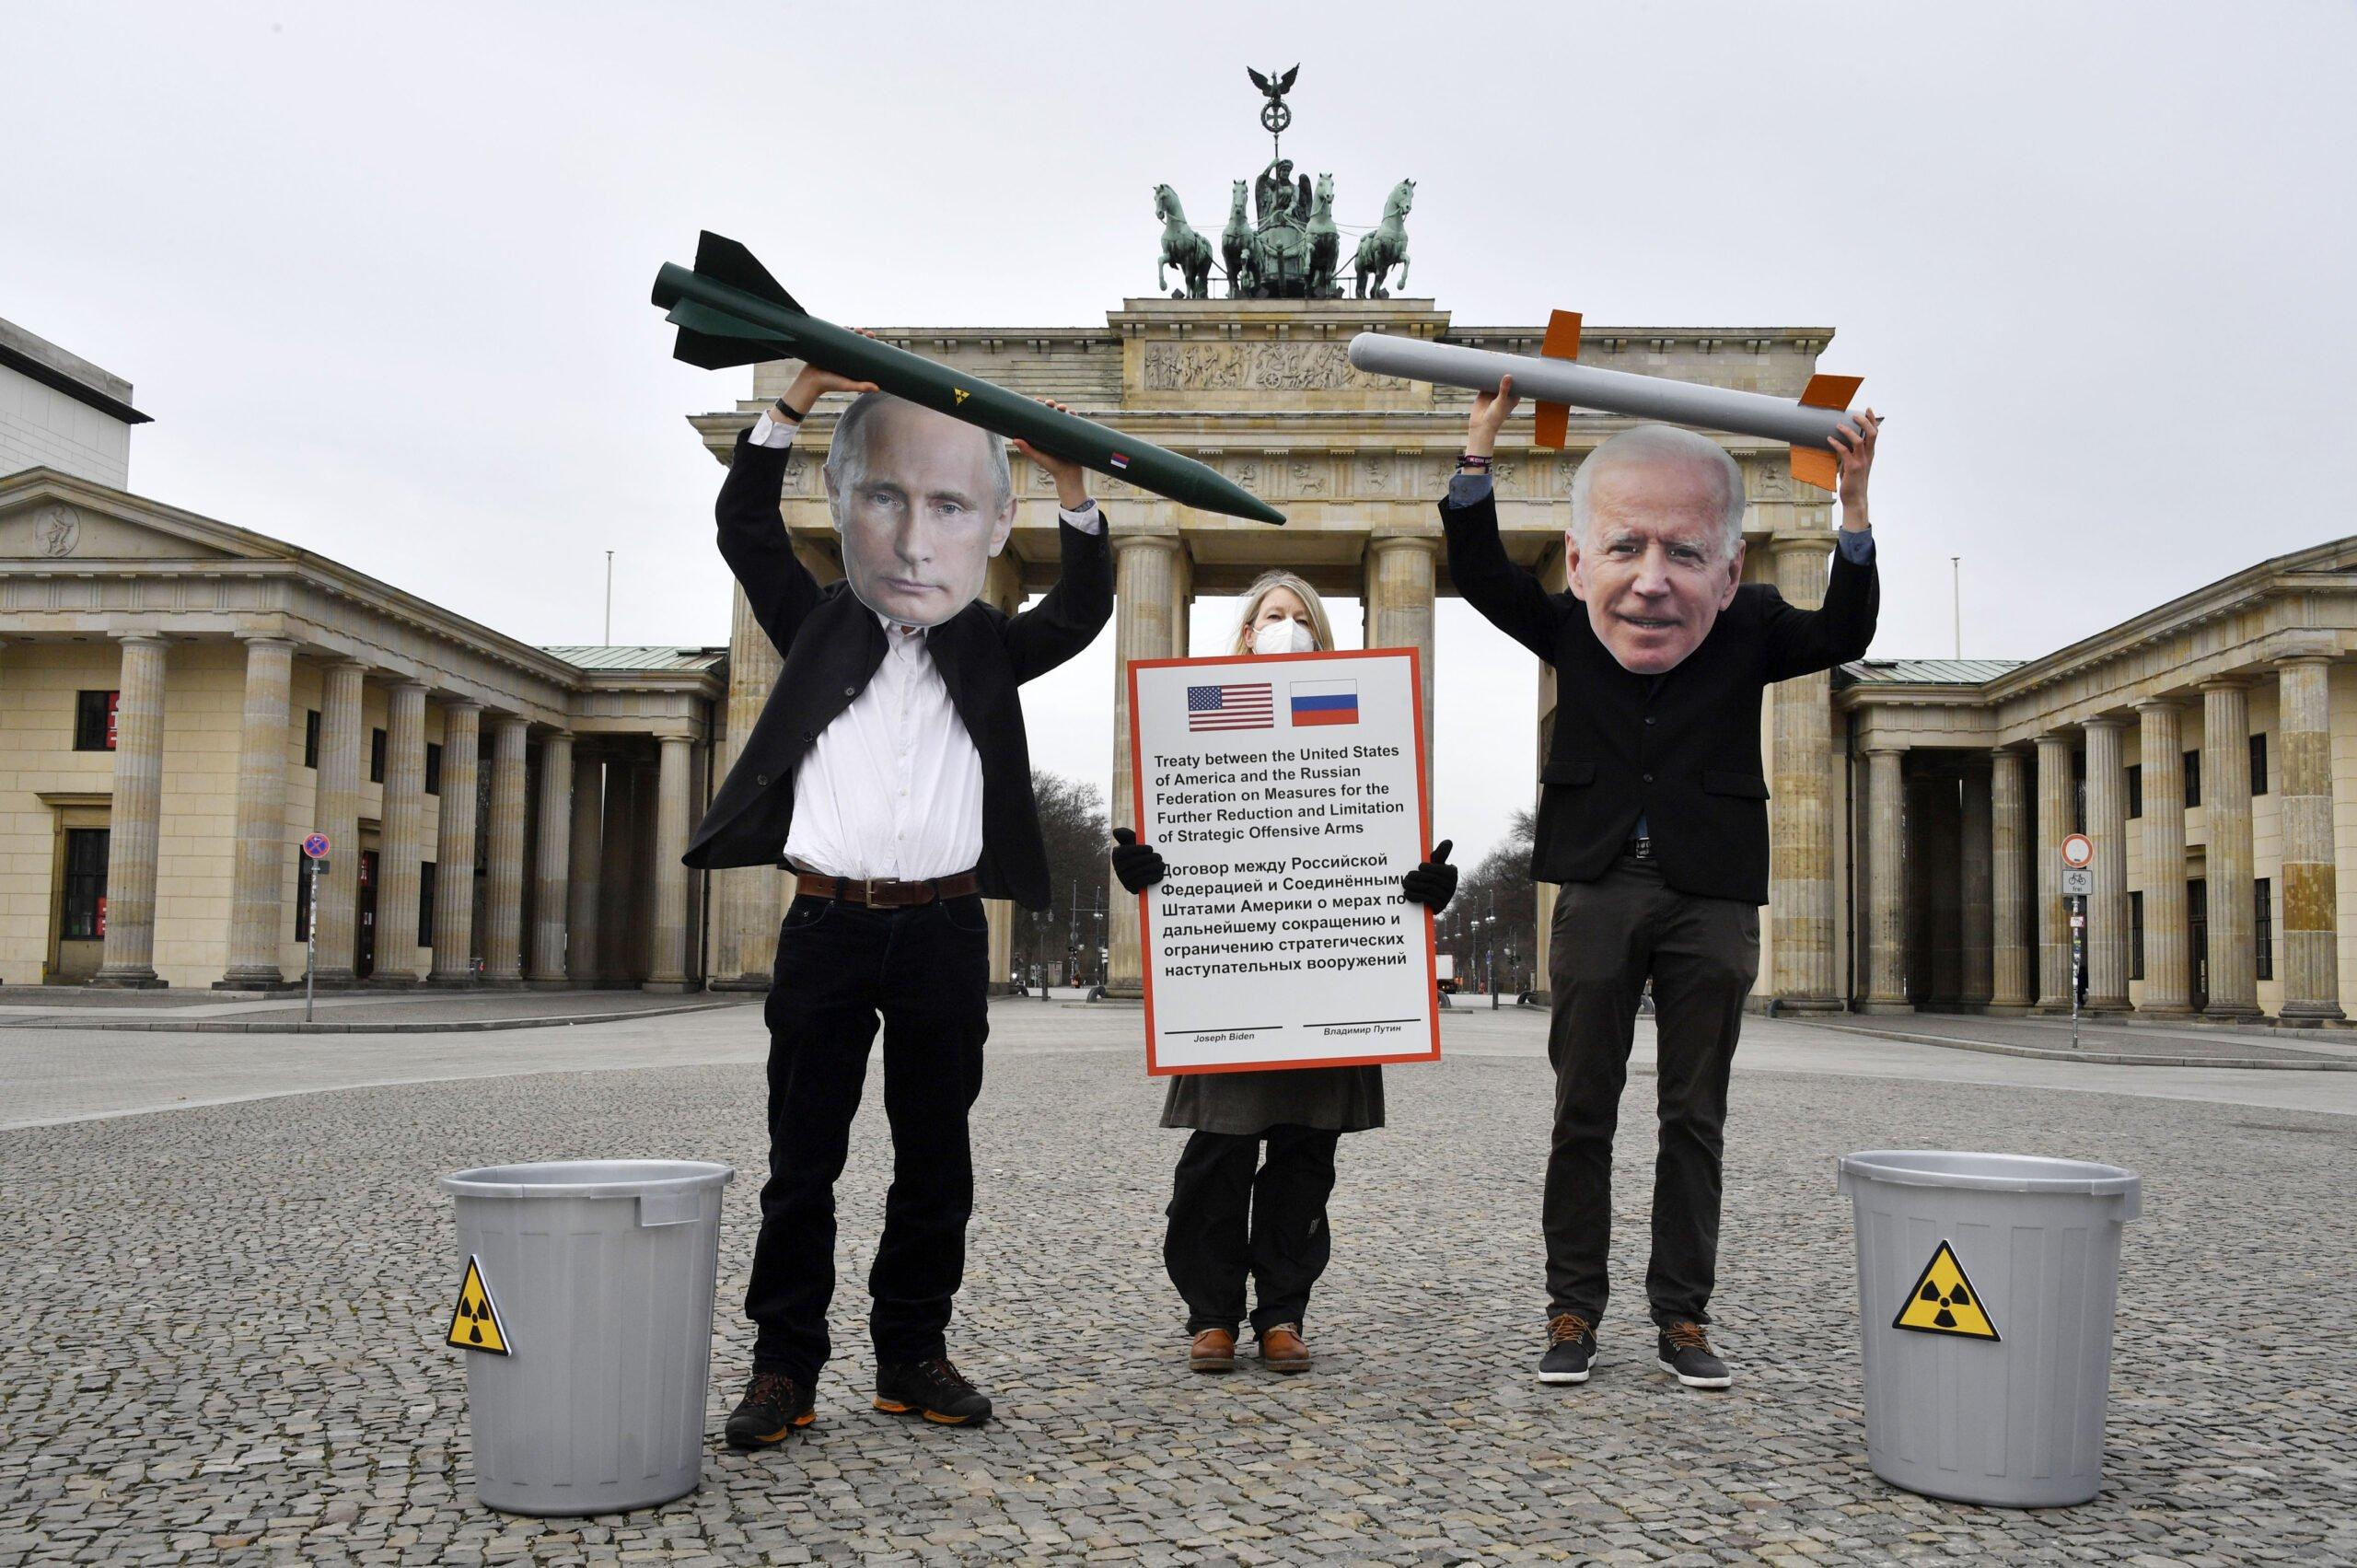 210318Usa - Russia - Biden - Putin